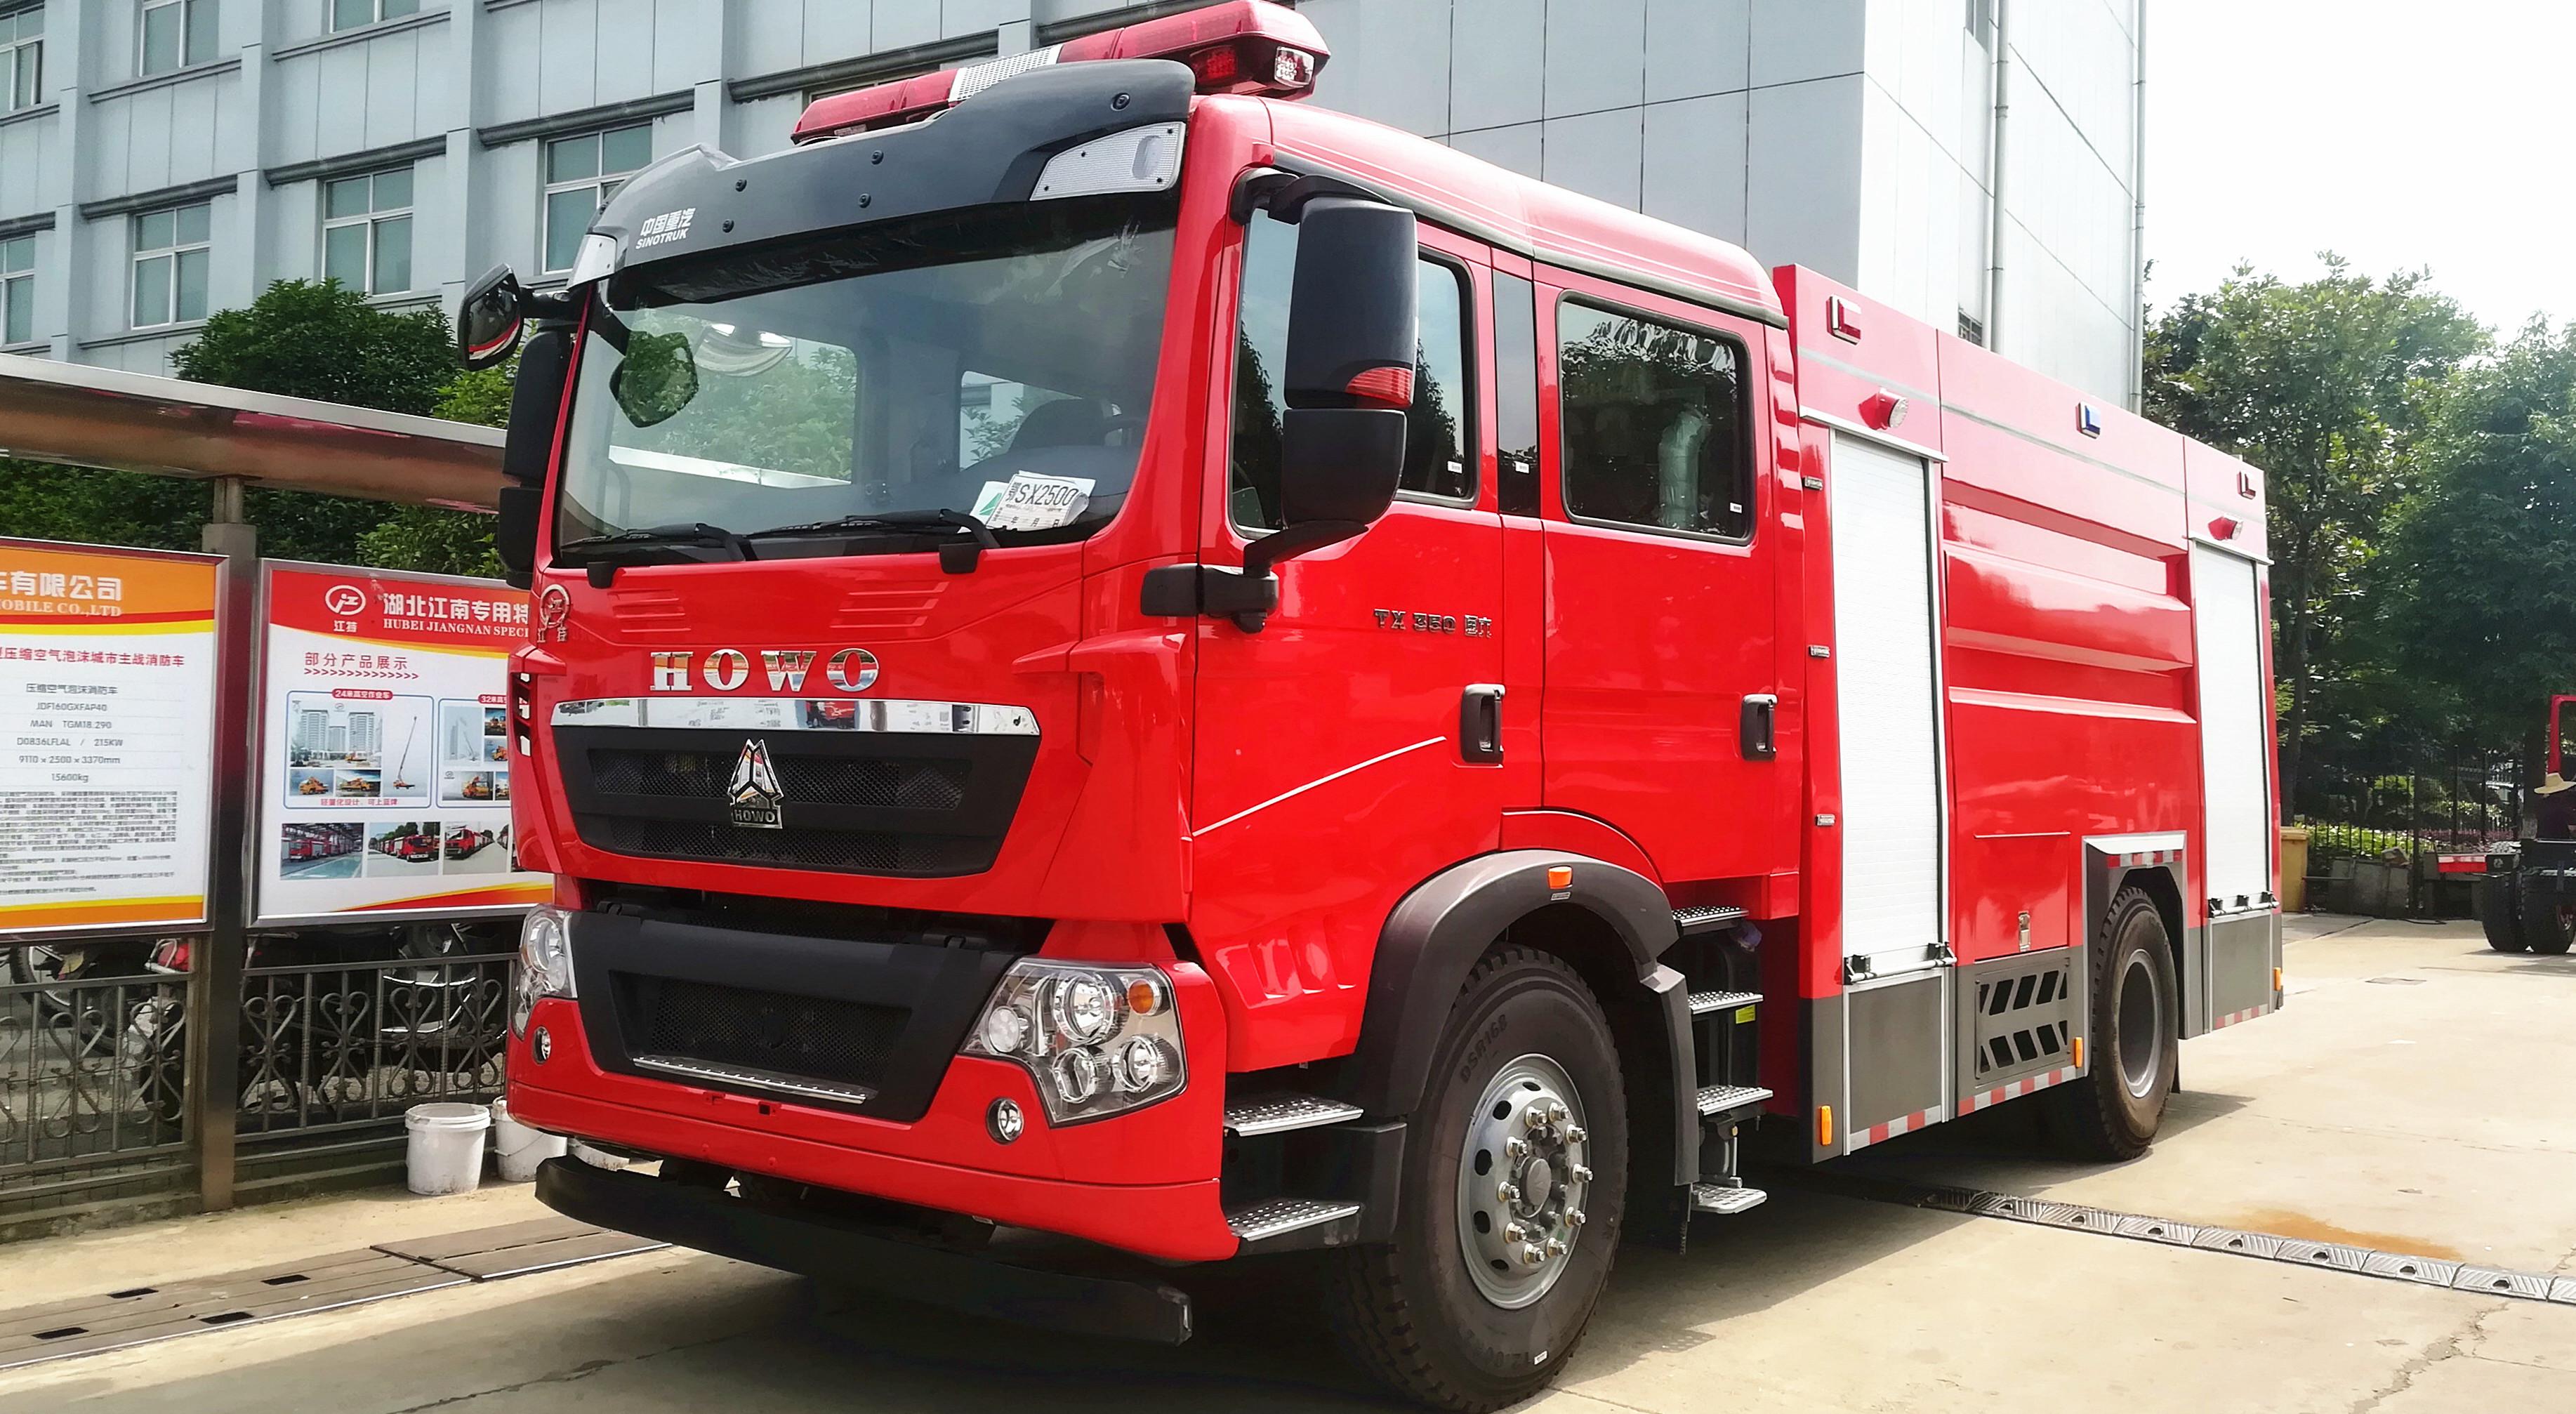 重汽HOWO消防车( 8 吨水)